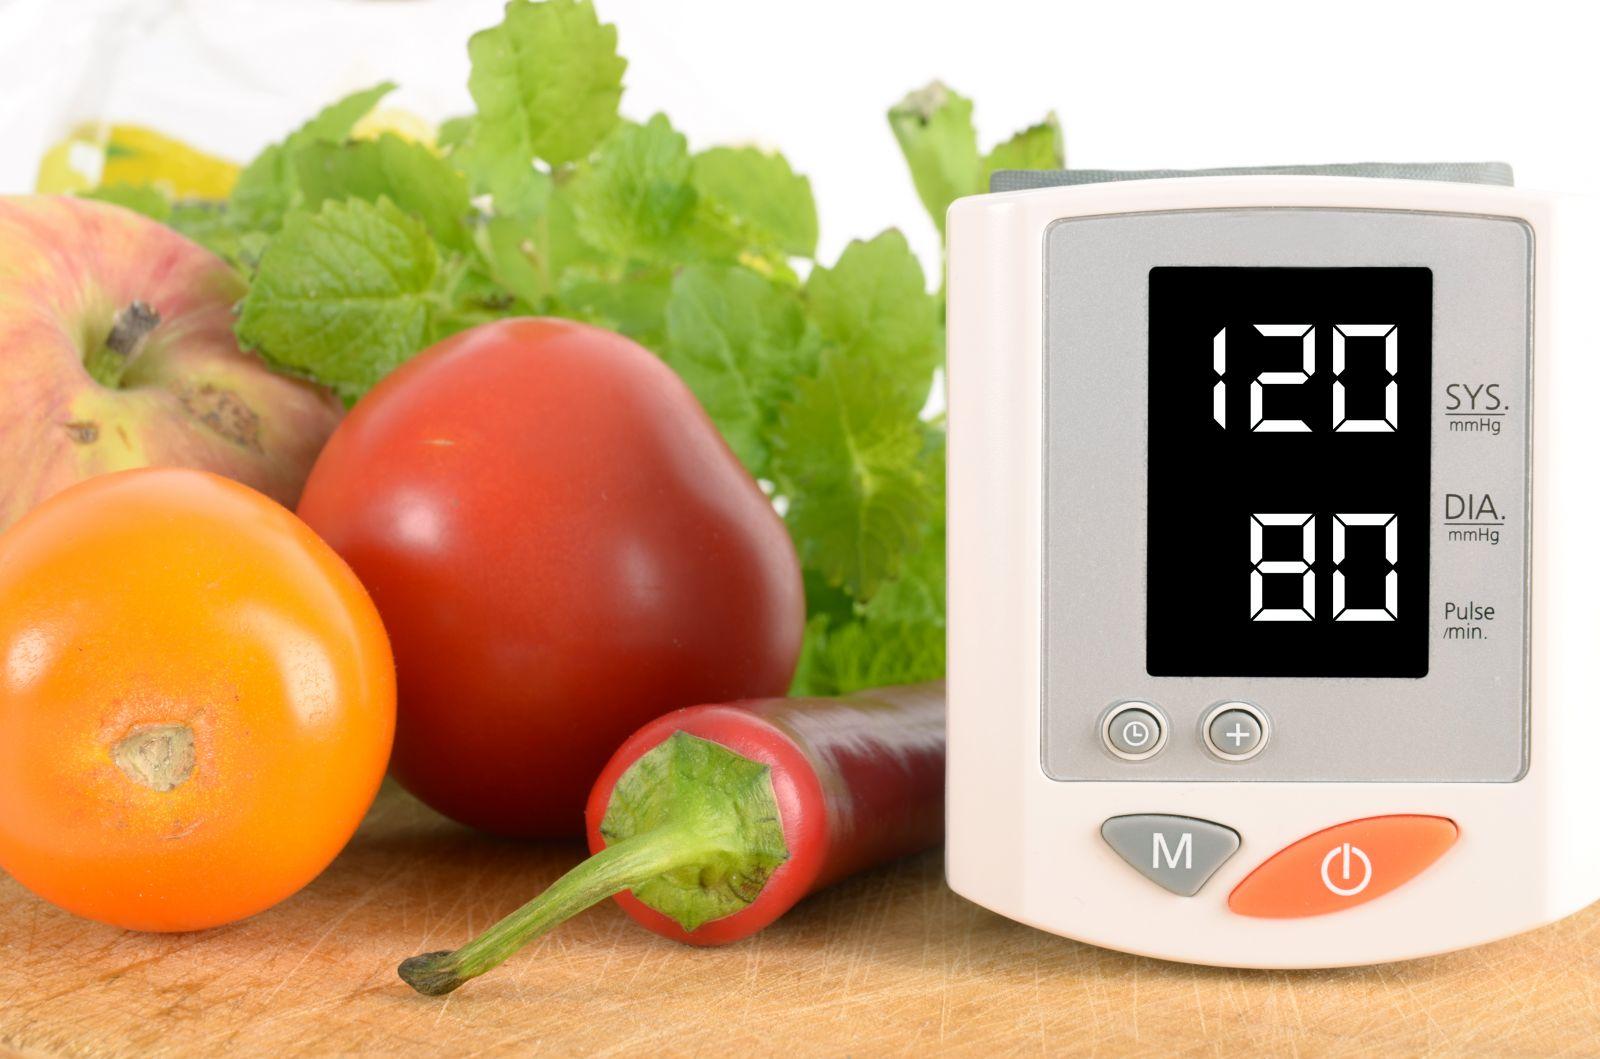 krém magas vérnyomás ellen görcsrohamok és magas vérnyomás